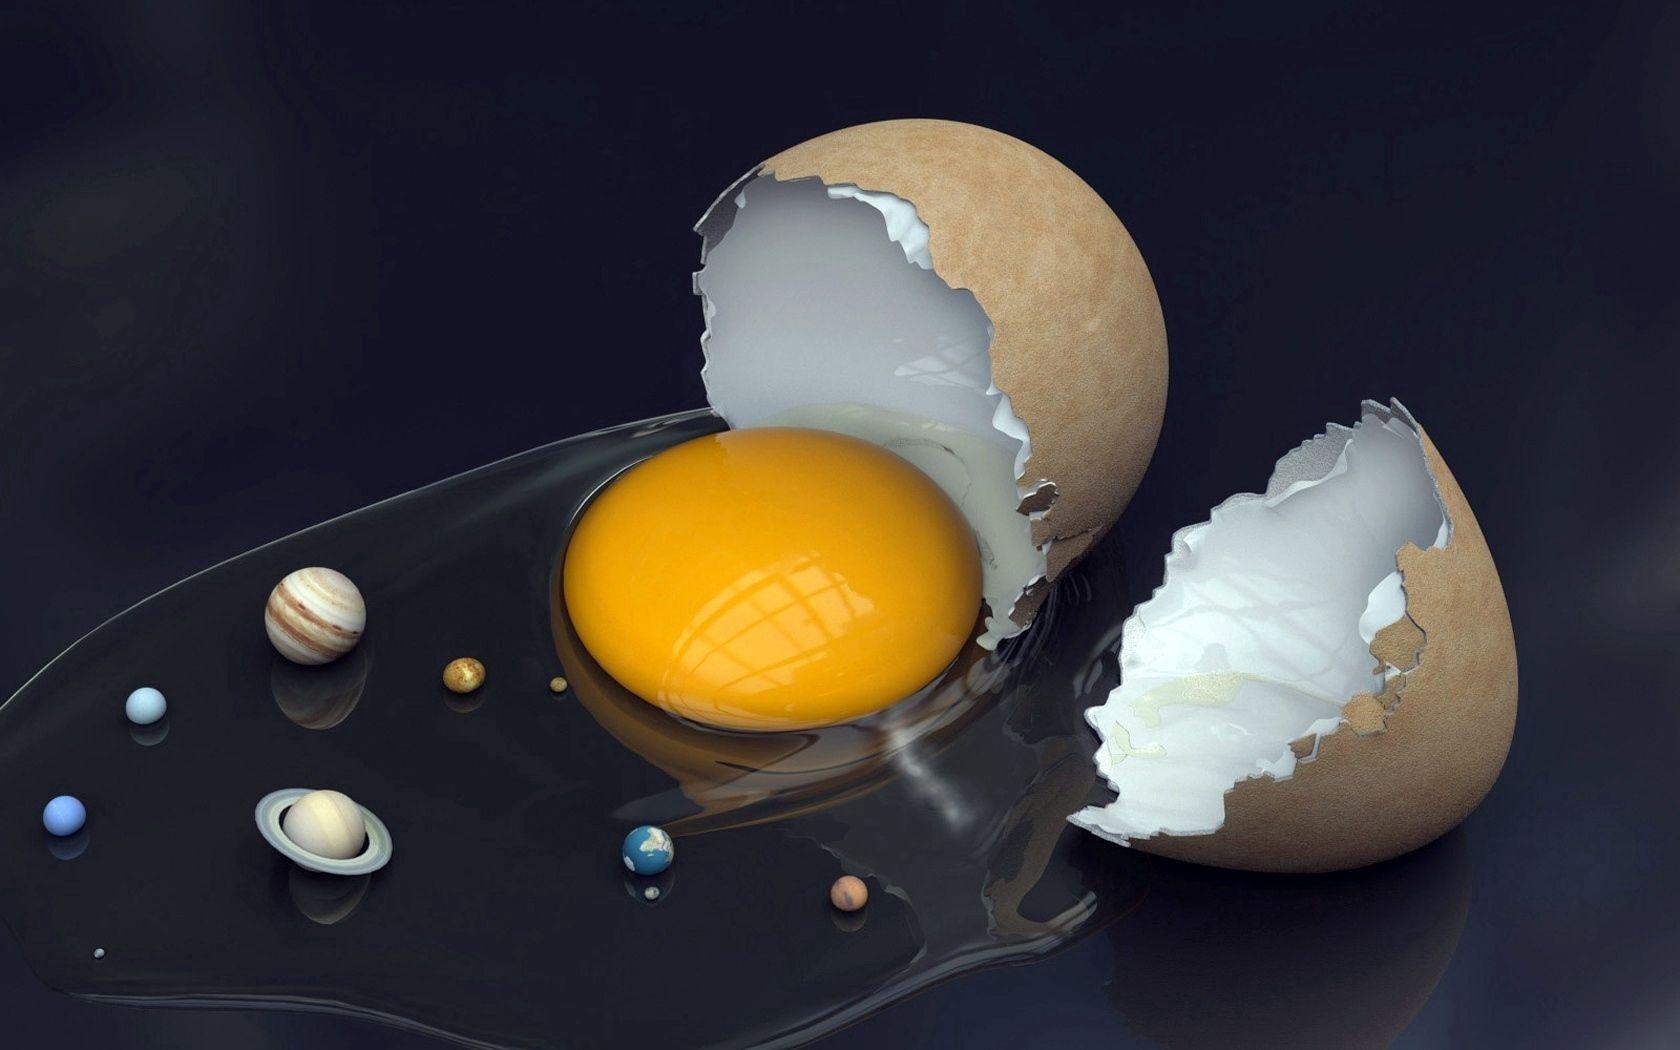 96612 Заставки и Обои Яйца на телефон. Скачать Еда, Планеты, Яйца, Солнце, Скорлупа, Желток картинки бесплатно